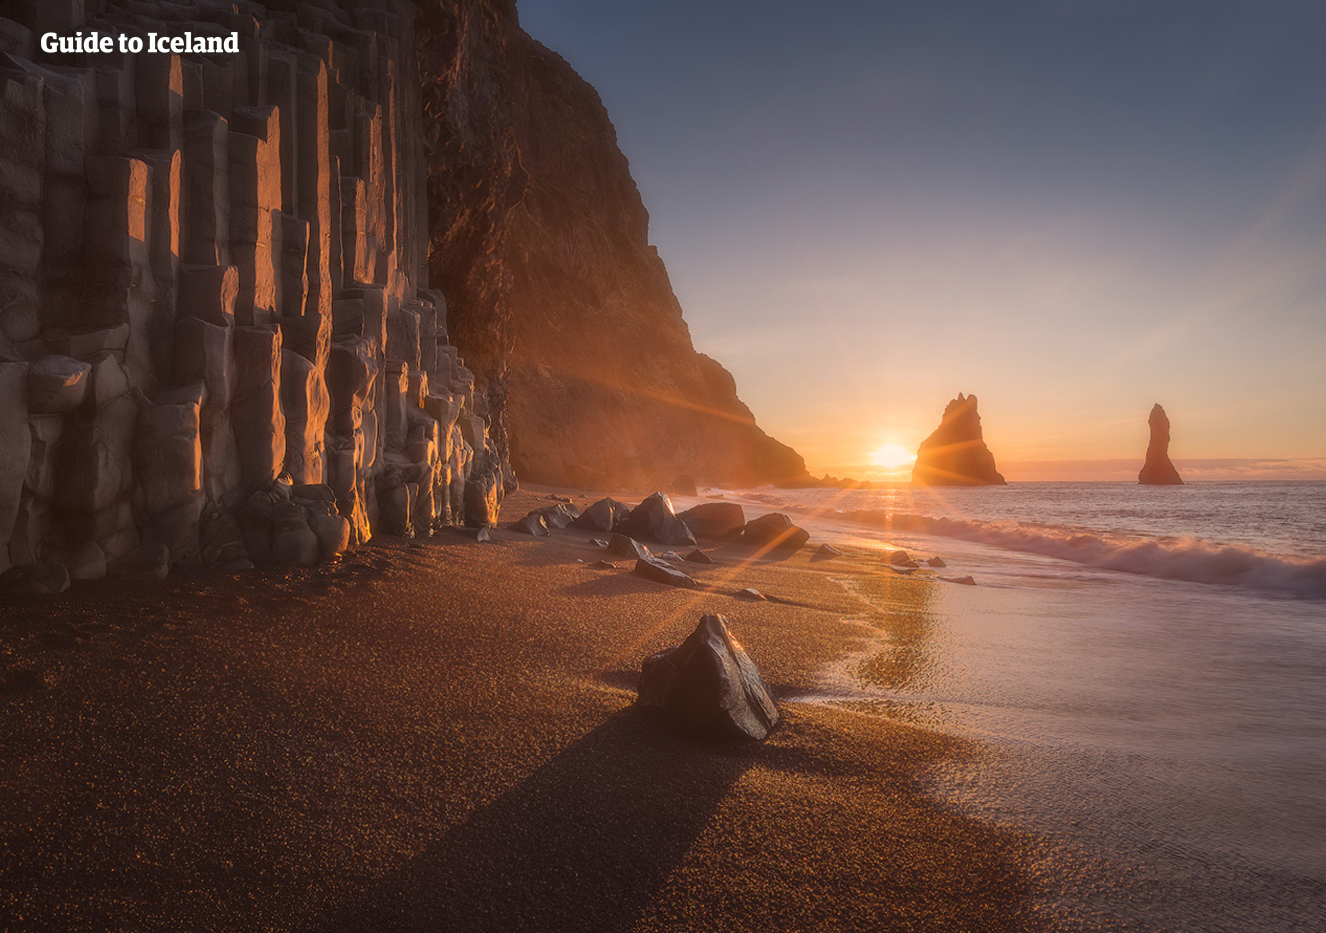 El sol brilla en la playa de arena negra de Reynisfjara, bordeada por acantilados de columnas hexagonales de basalto